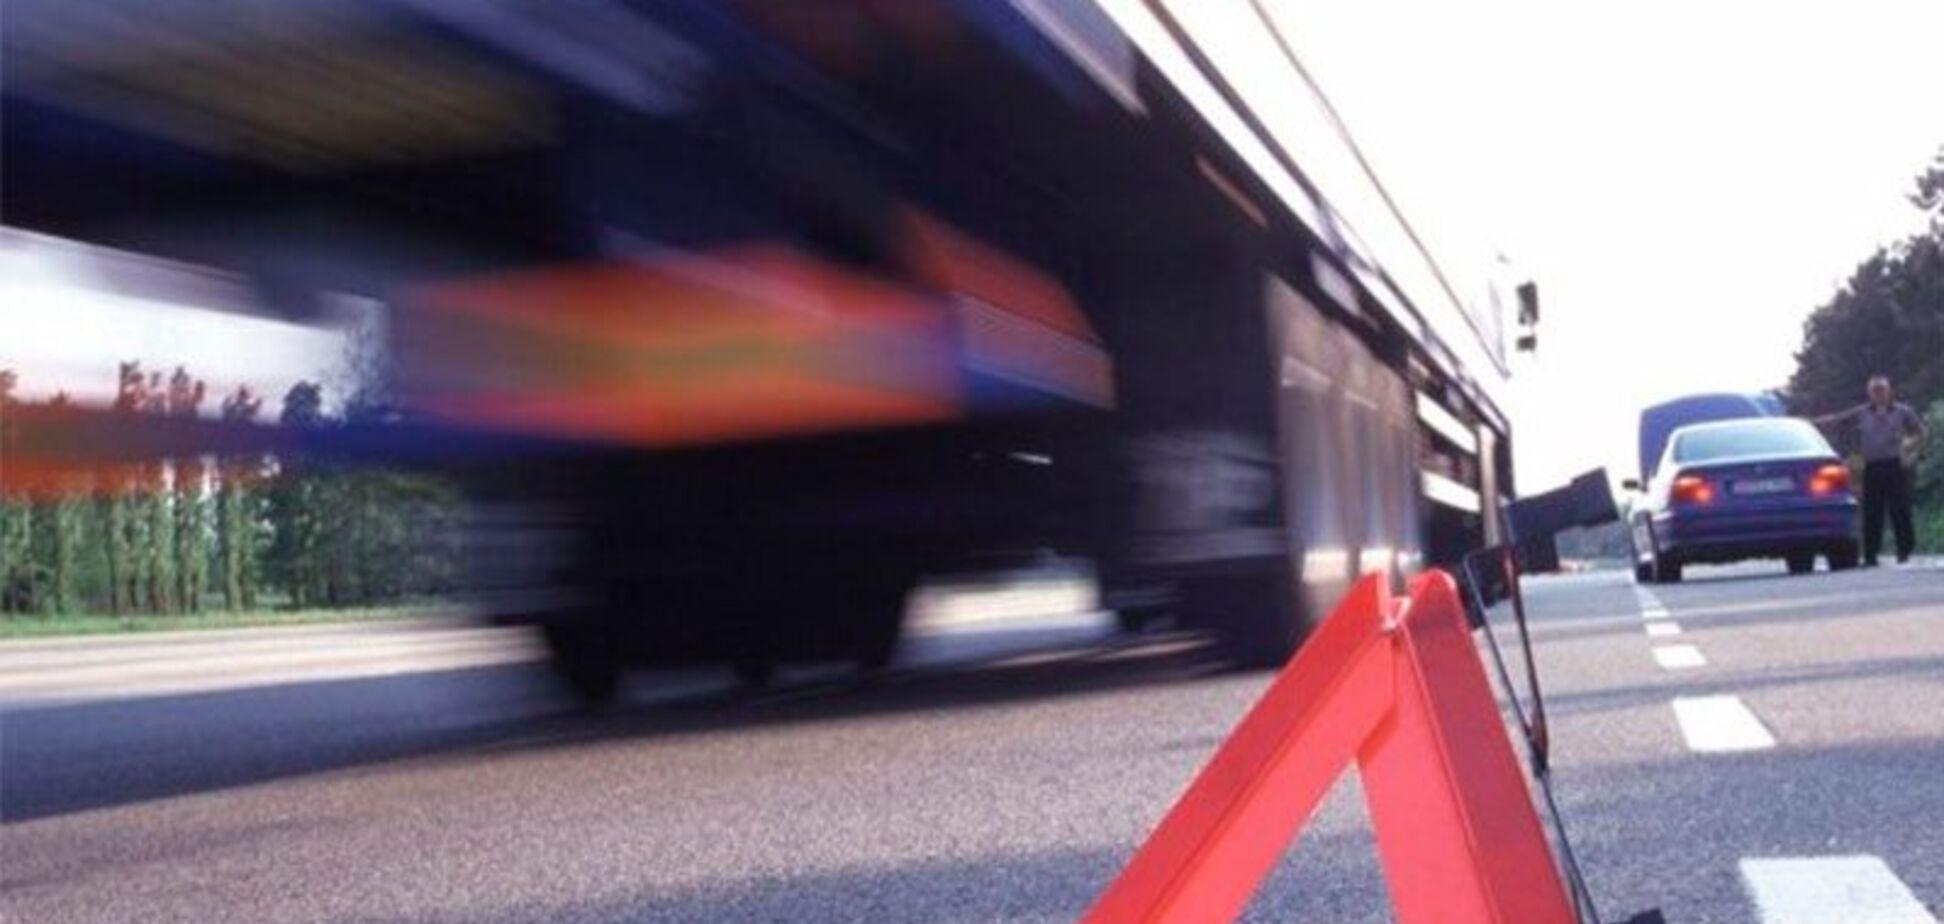 У Дніпрі пішохід потрапив під колеса вантажівки. Фото 18+